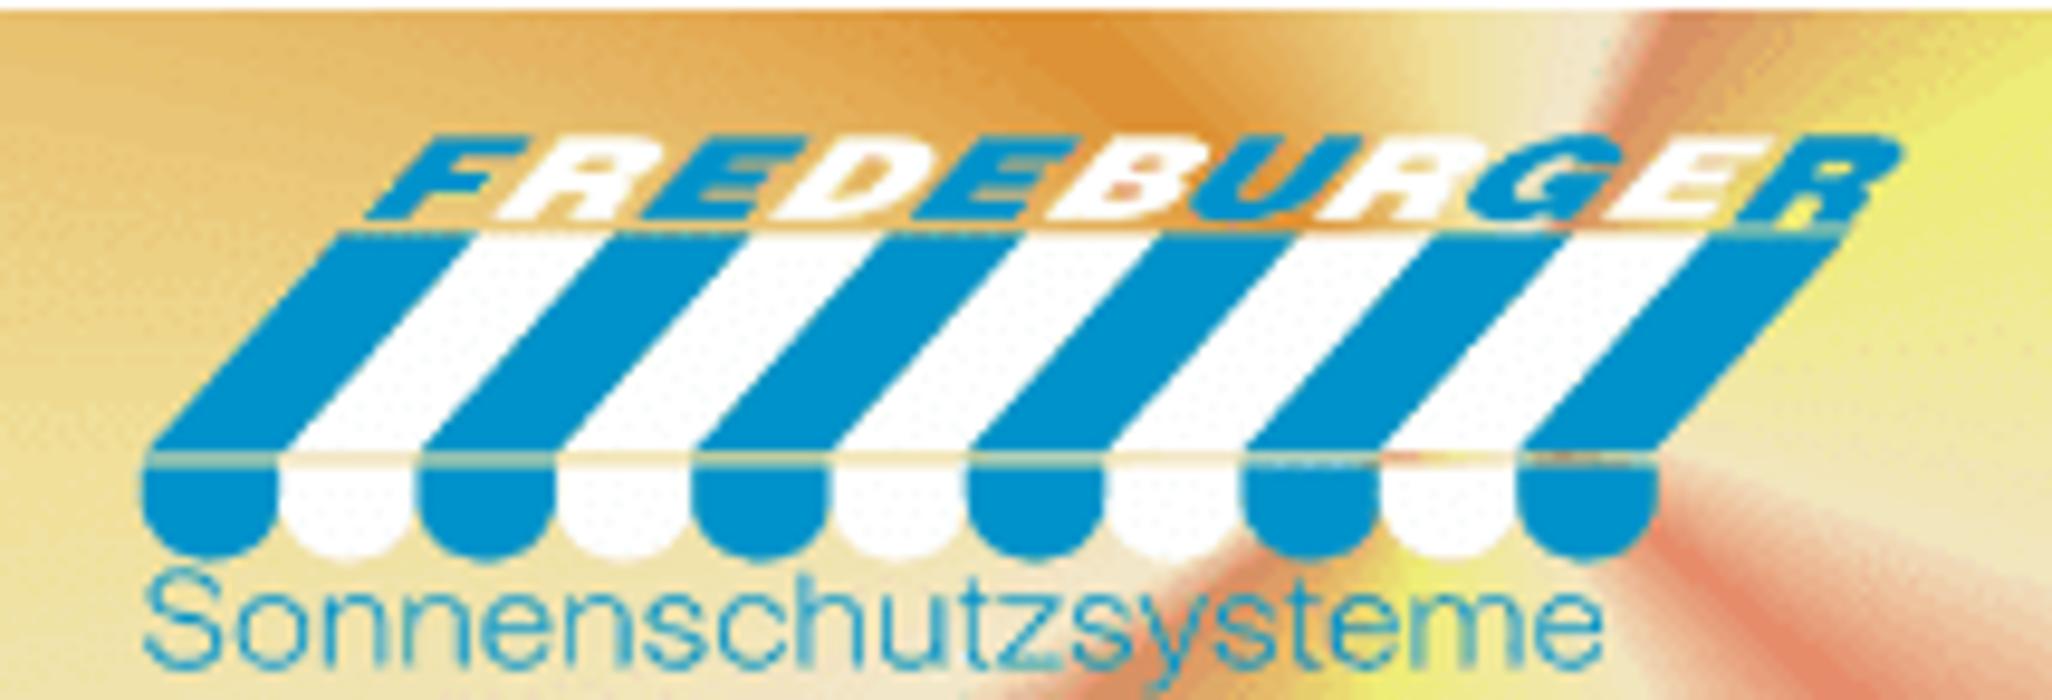 Bild zu Fredeburger Sonnenschutzsysteme in Schmallenberg